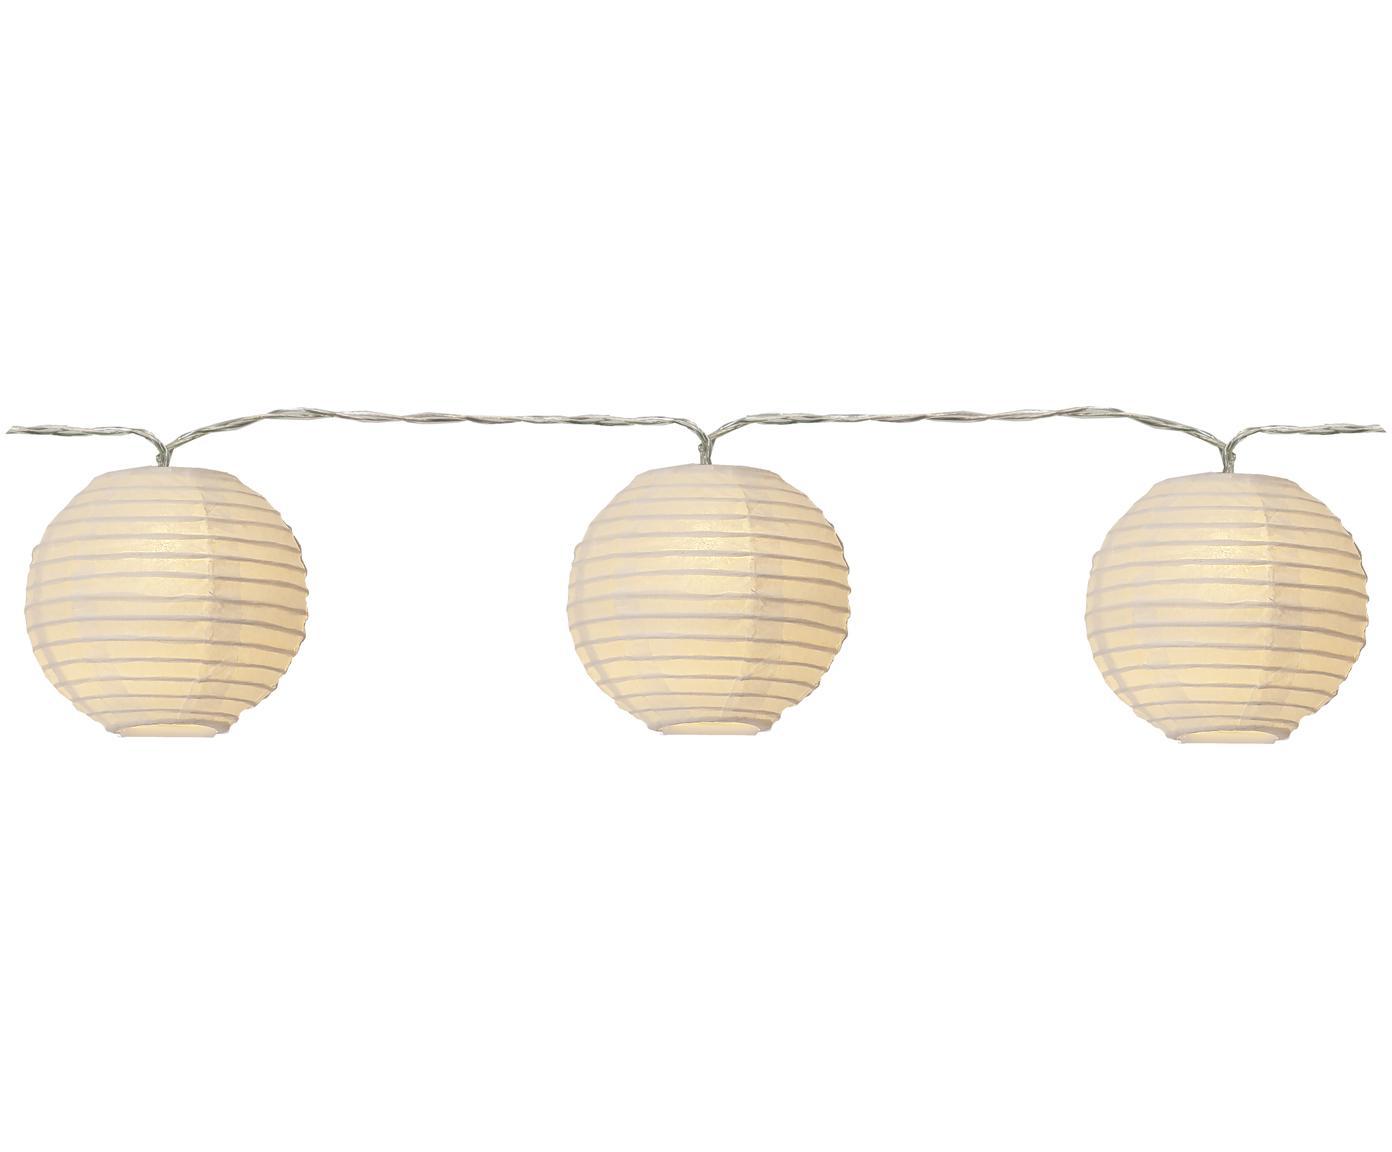 Girlanda świetlna LED Festival, 300 cm, Papier, tworzywo sztuczne, Biały, D 300 cm